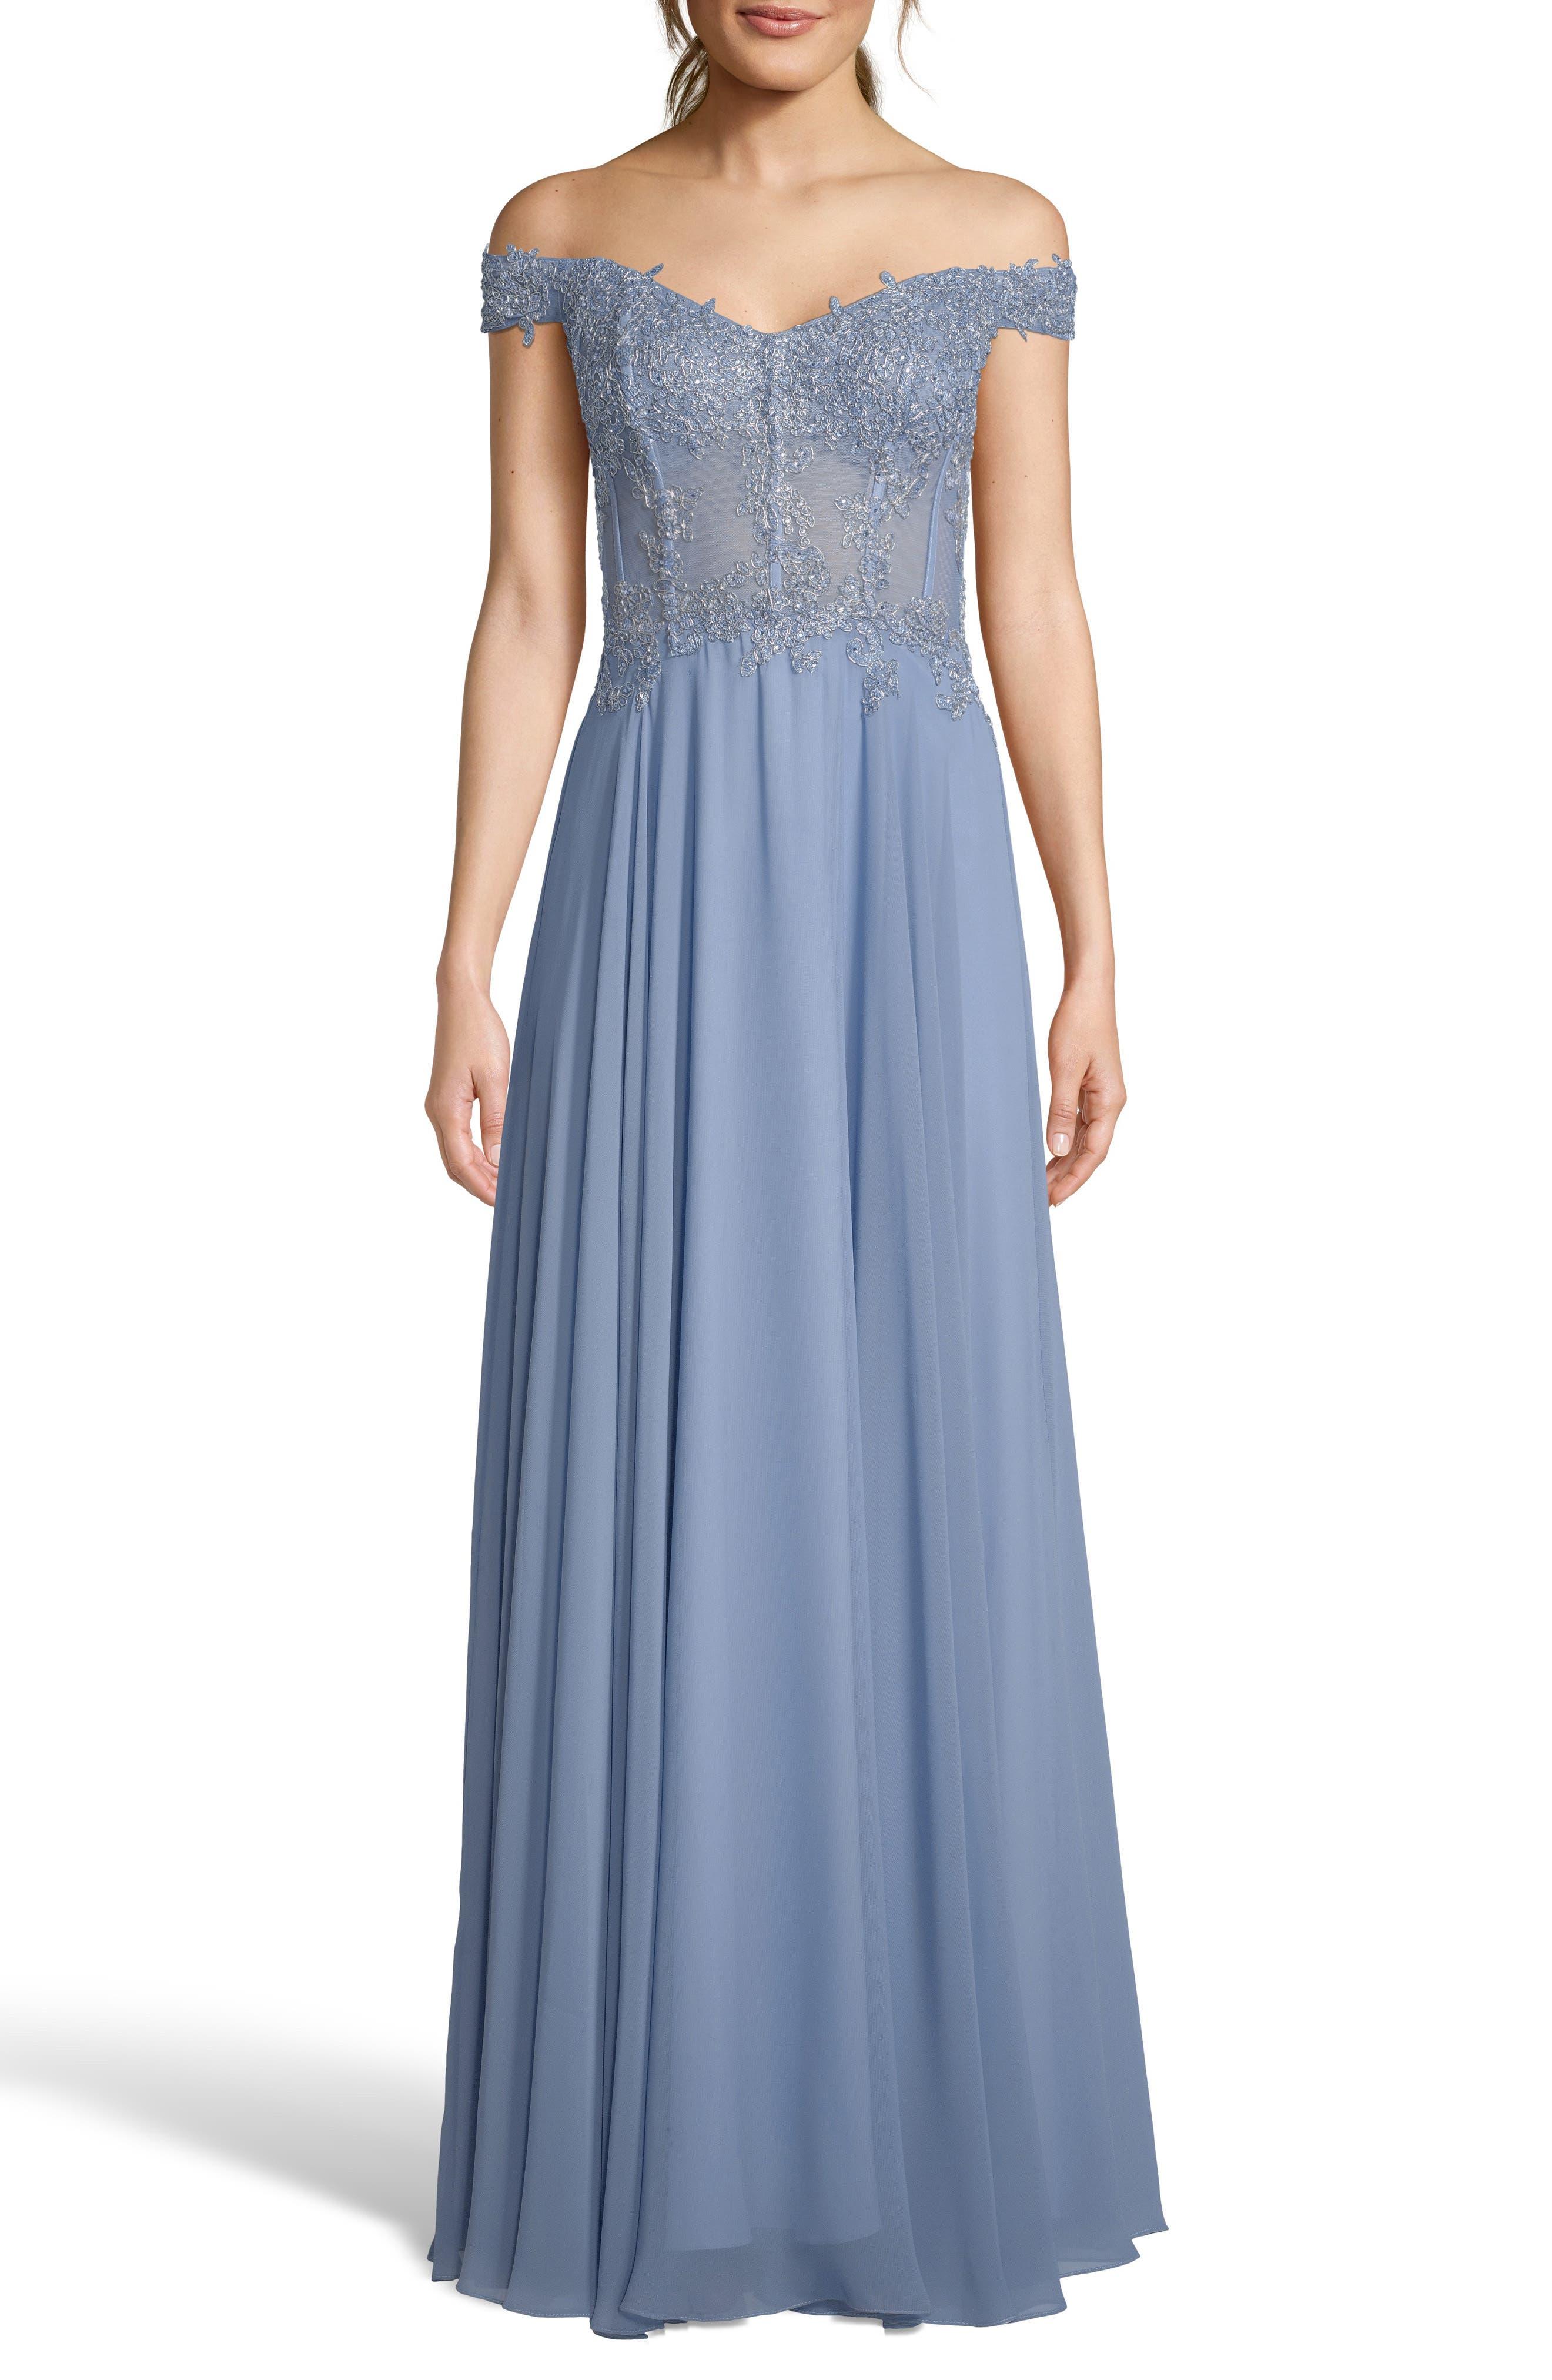 6d47d6a85362 Xscape Off-The-Shoulder Embellished Dress, Blue